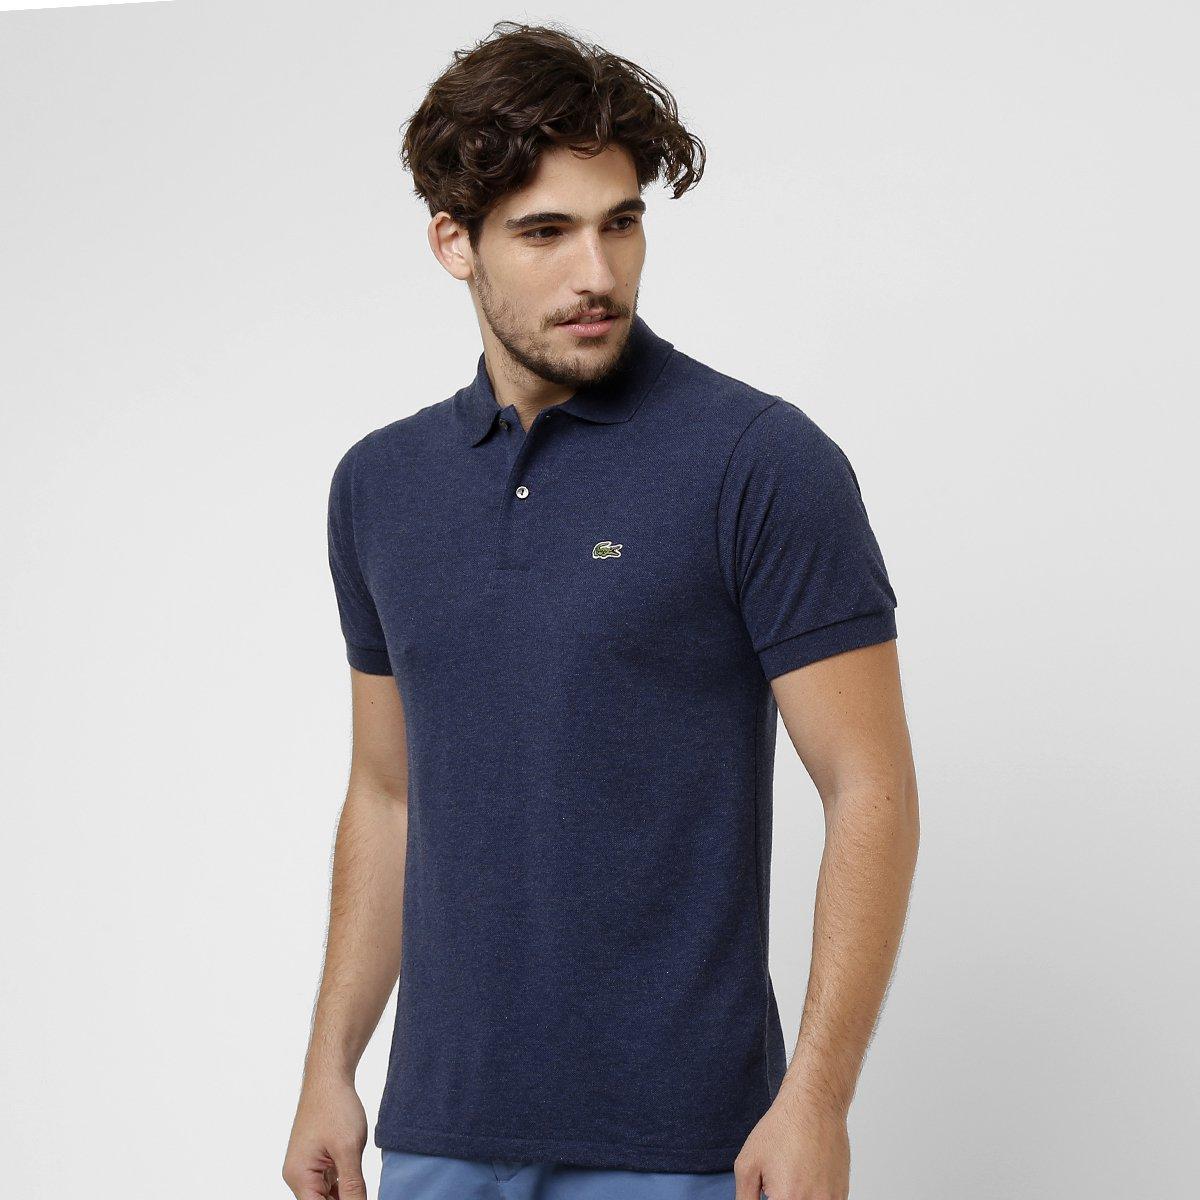 0c8437ec37 Camisa Polo Lacoste Mescla Masculina - Azul - Compre Agora